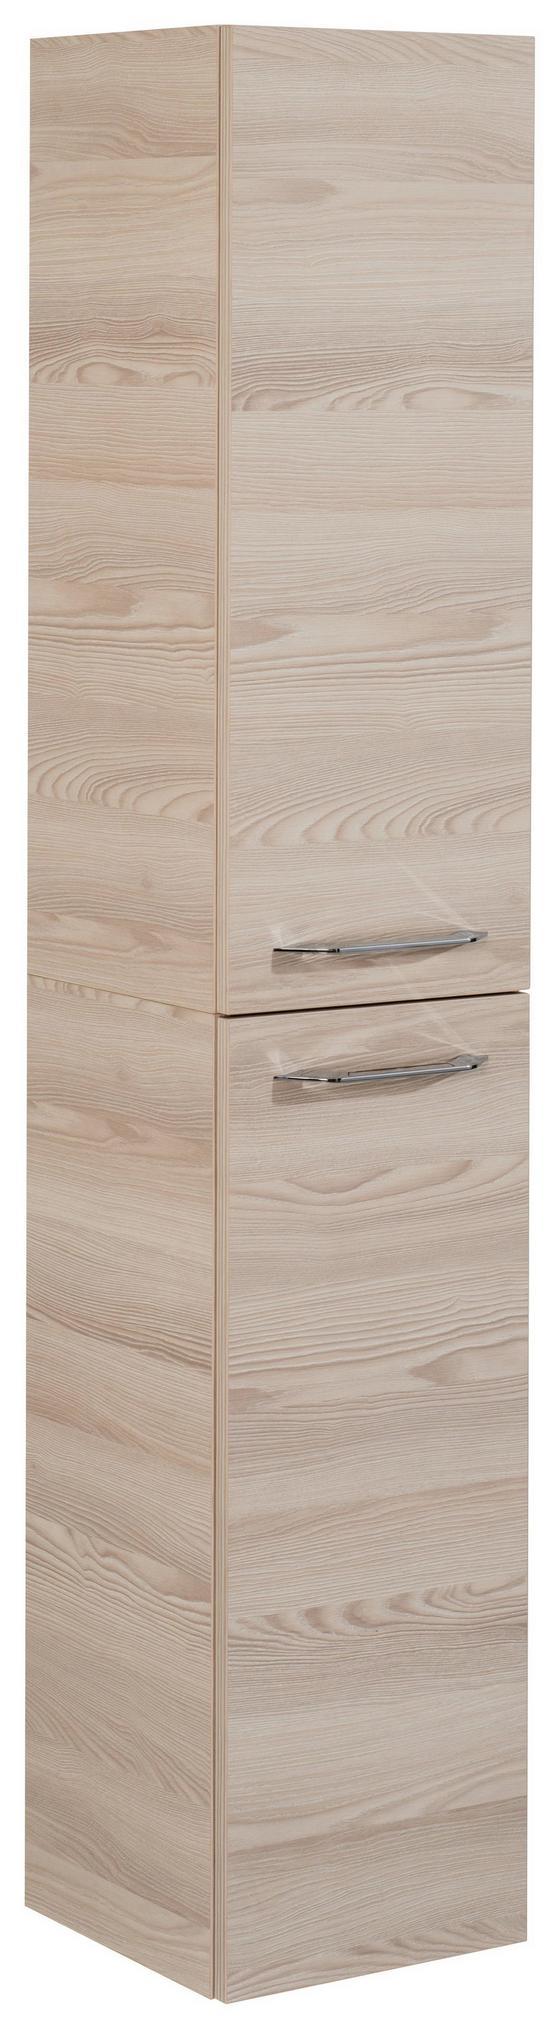 Hochschrank B. Clever 30 cm Esche - Eschefarben, MODERN, Glas/Holzwerkstoff (30/159/32cm) - Fackelmann